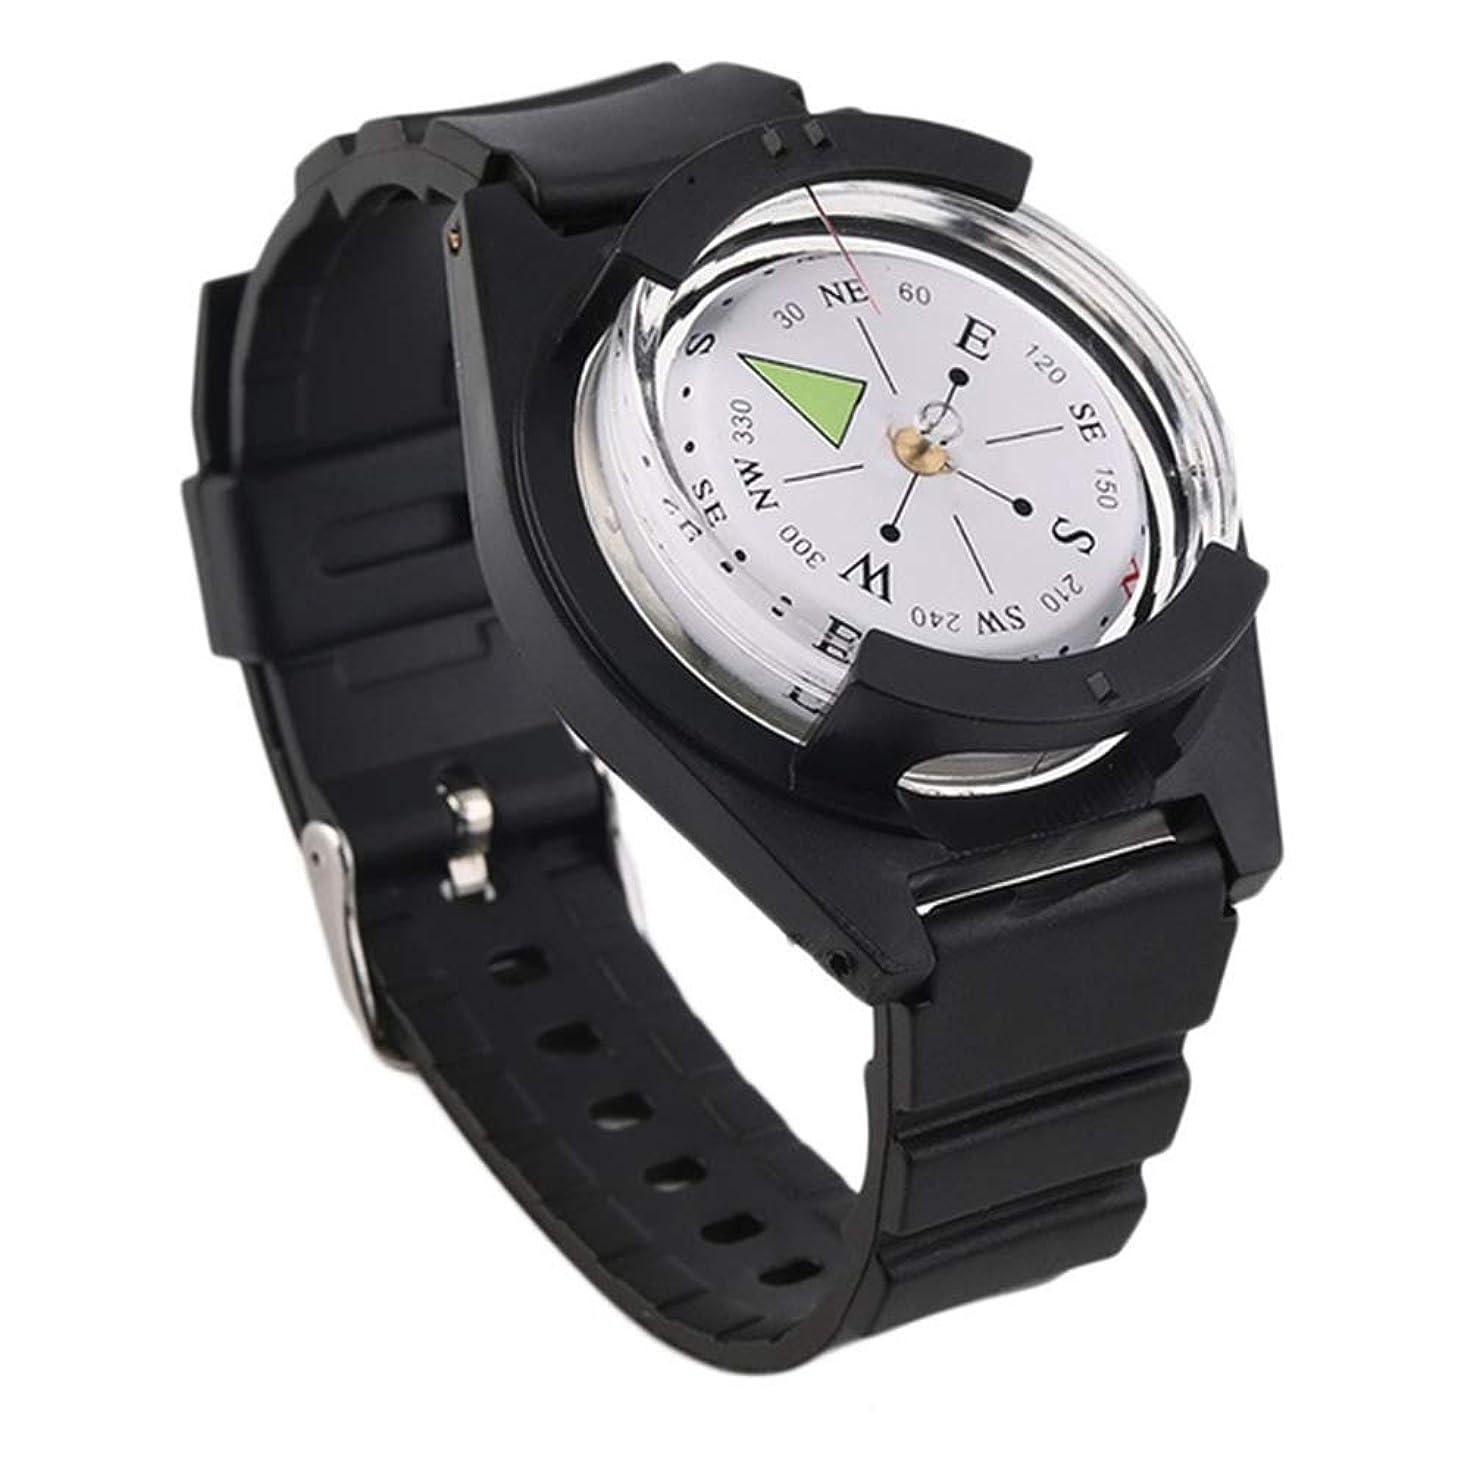 取り替える指令宿るKBAYBO コンパス 腕時計式 方位磁石 方位磁針 携帯コンパス 羅針盤 ナビゲーションコンパス オイルコンパス 方向指示 高精度 防水型リストコンパス アウトドア 登山 防災 ハイキング用